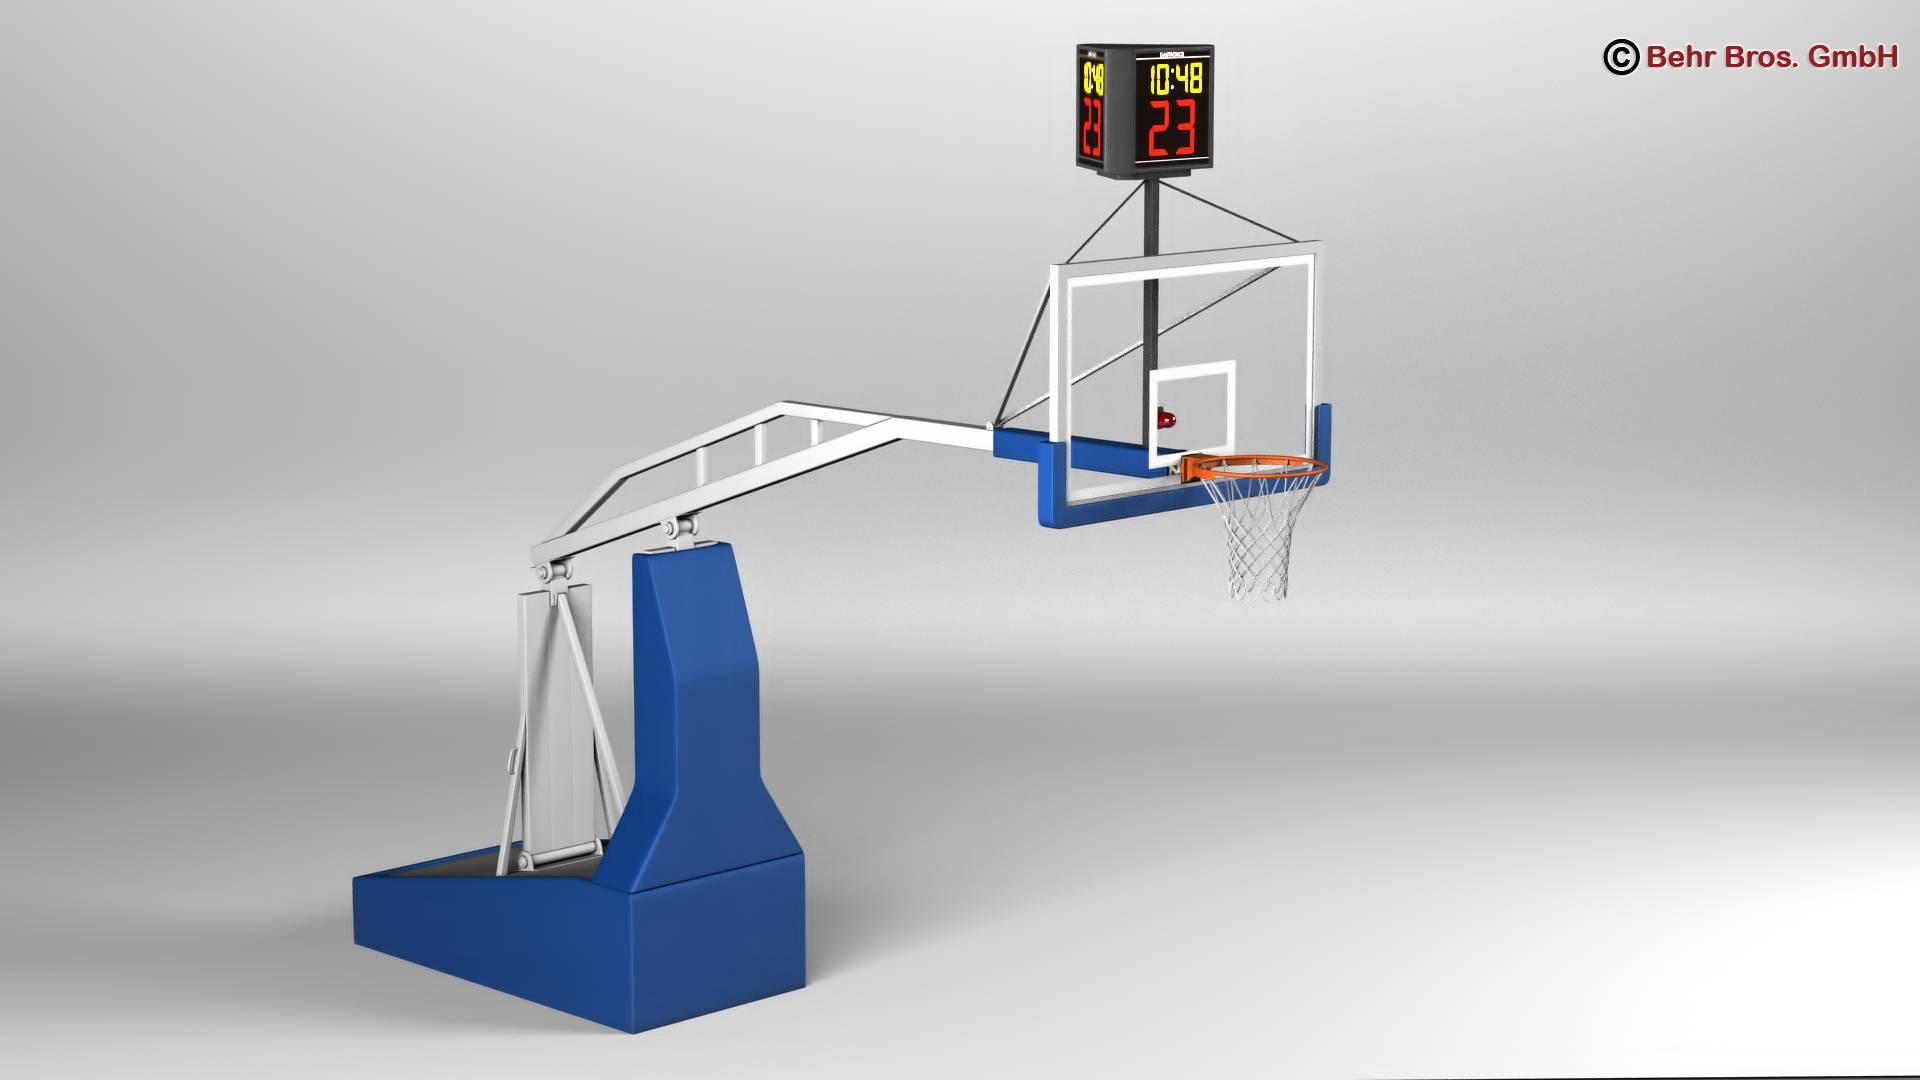 arena pêl-fasged v2 model 3d 3ds max fbx c4d am fwy o wybodaeth 222371